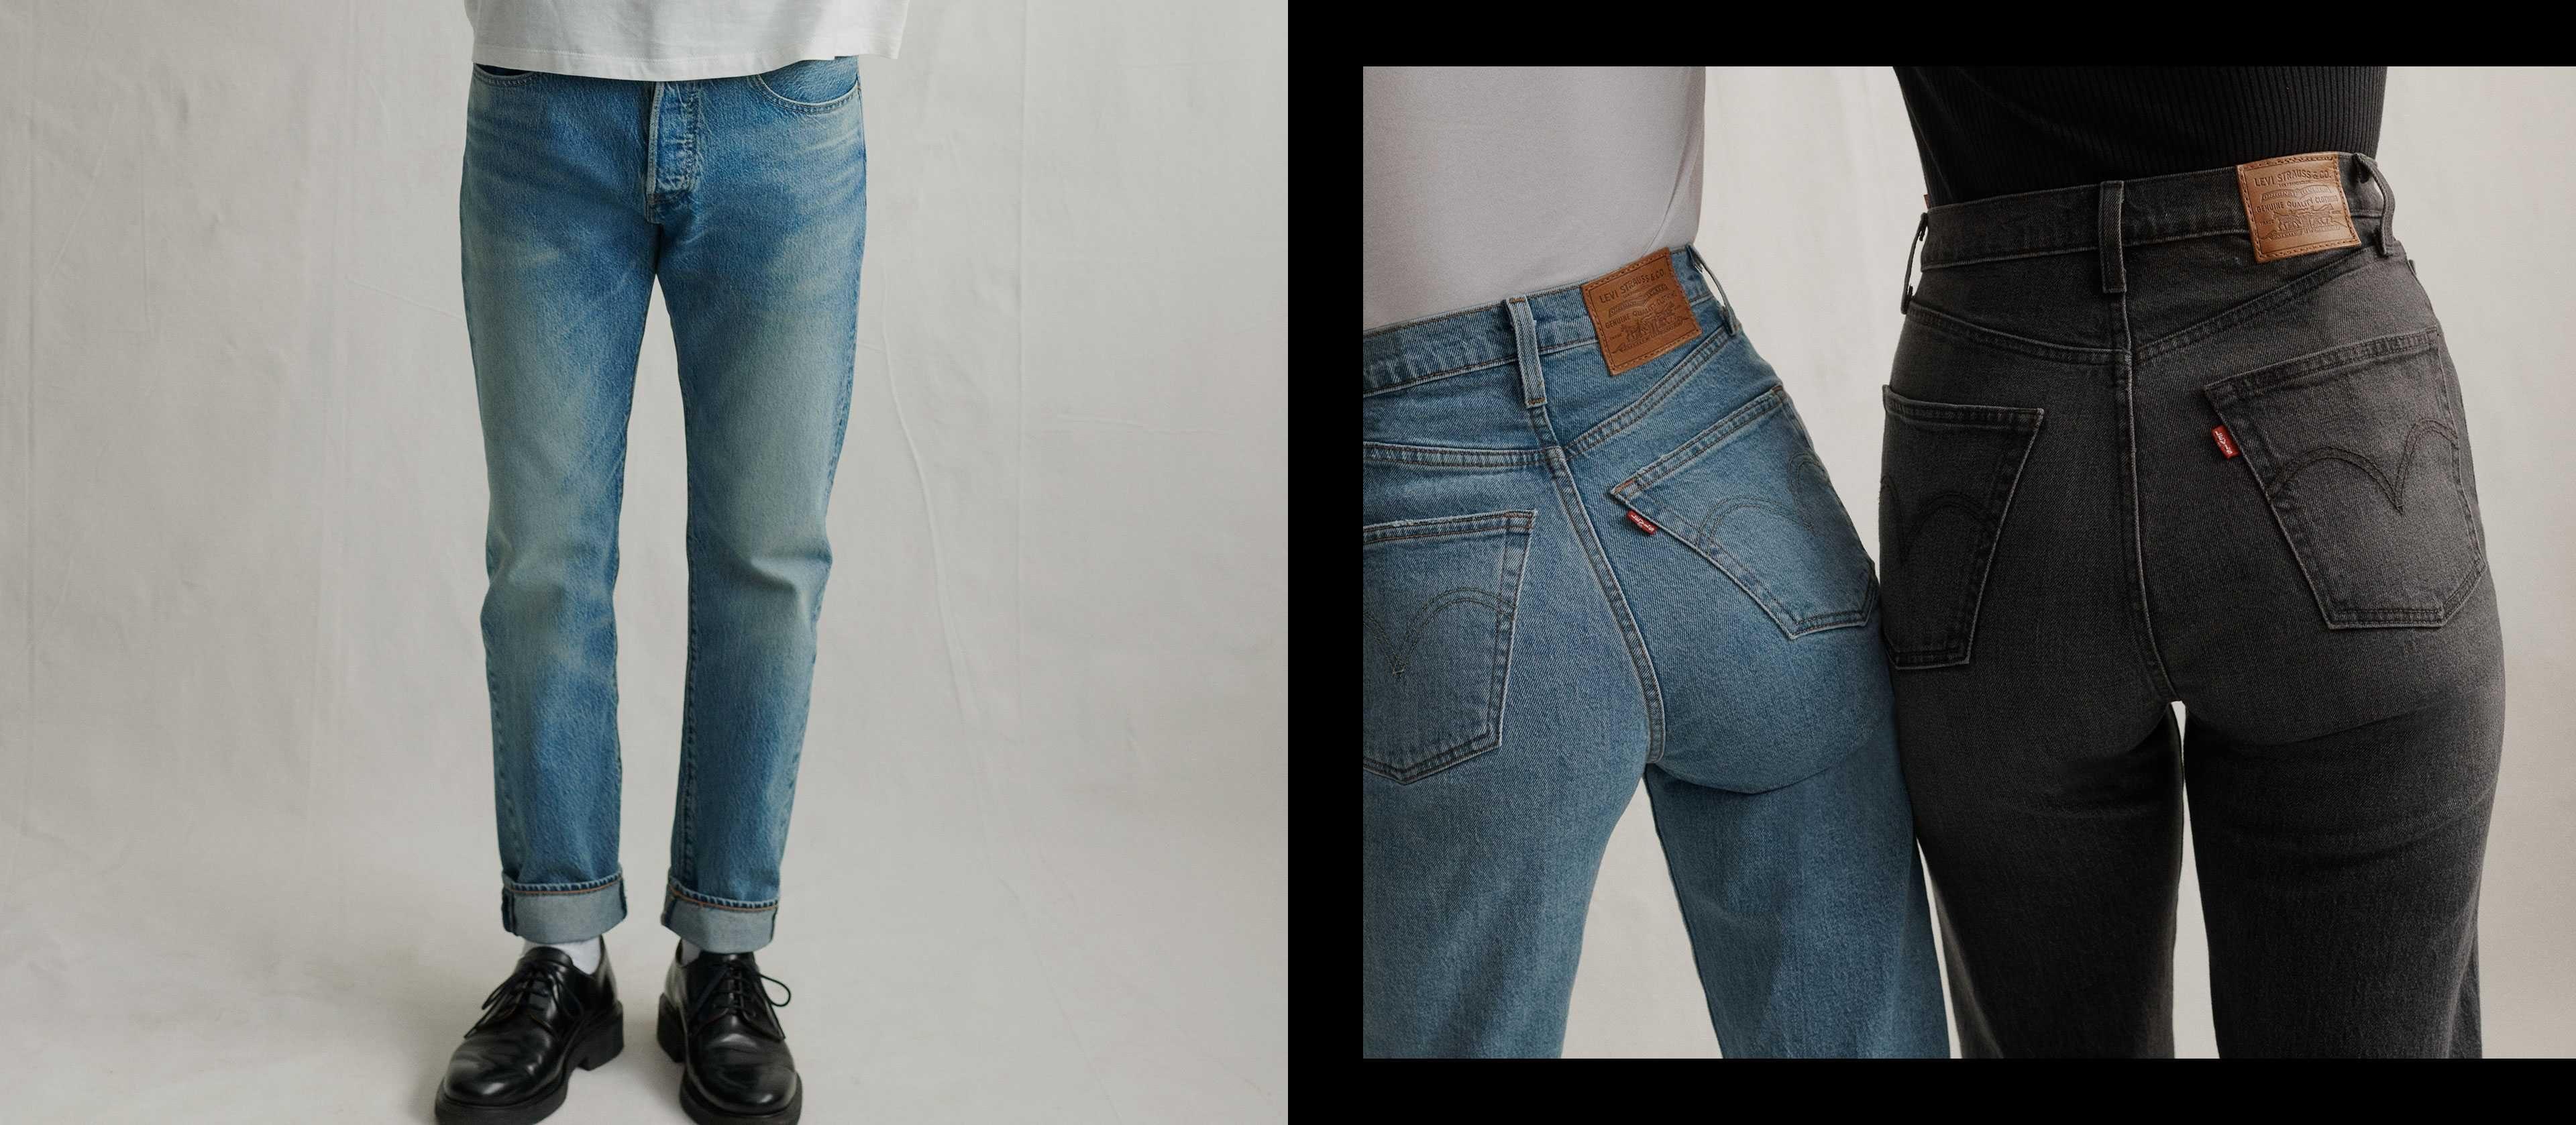 Lit Mezzanine Le Bon Coin Joli Jeans Denim Jackets & Clothing